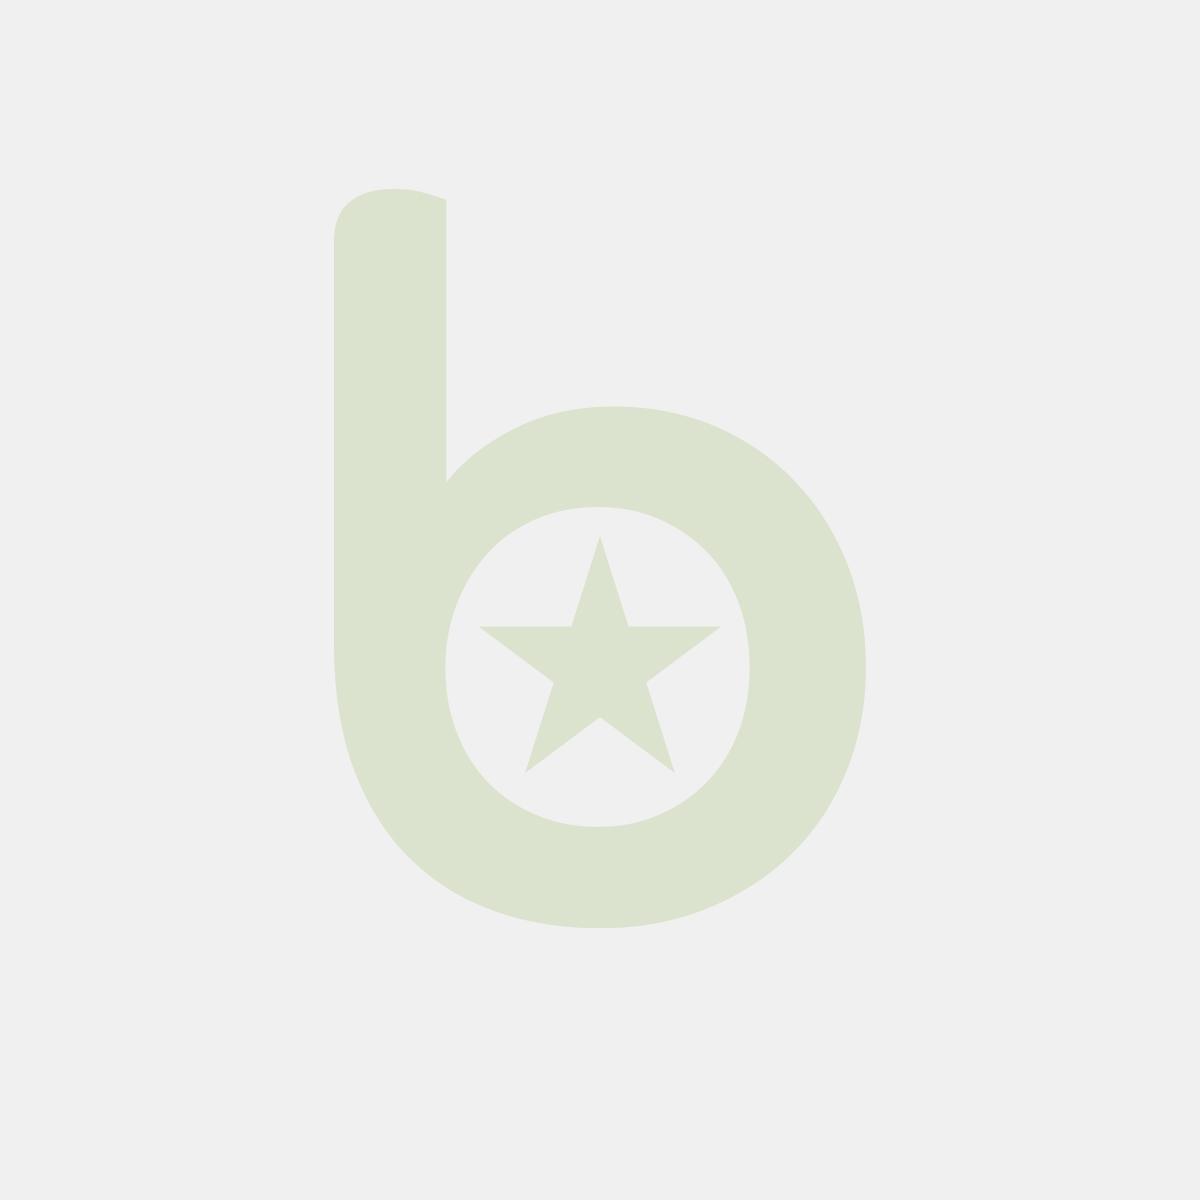 Serwetki 33x33 2W 1/4 BaVillo naturel, jasny brąz ECO op. 250 sztuk